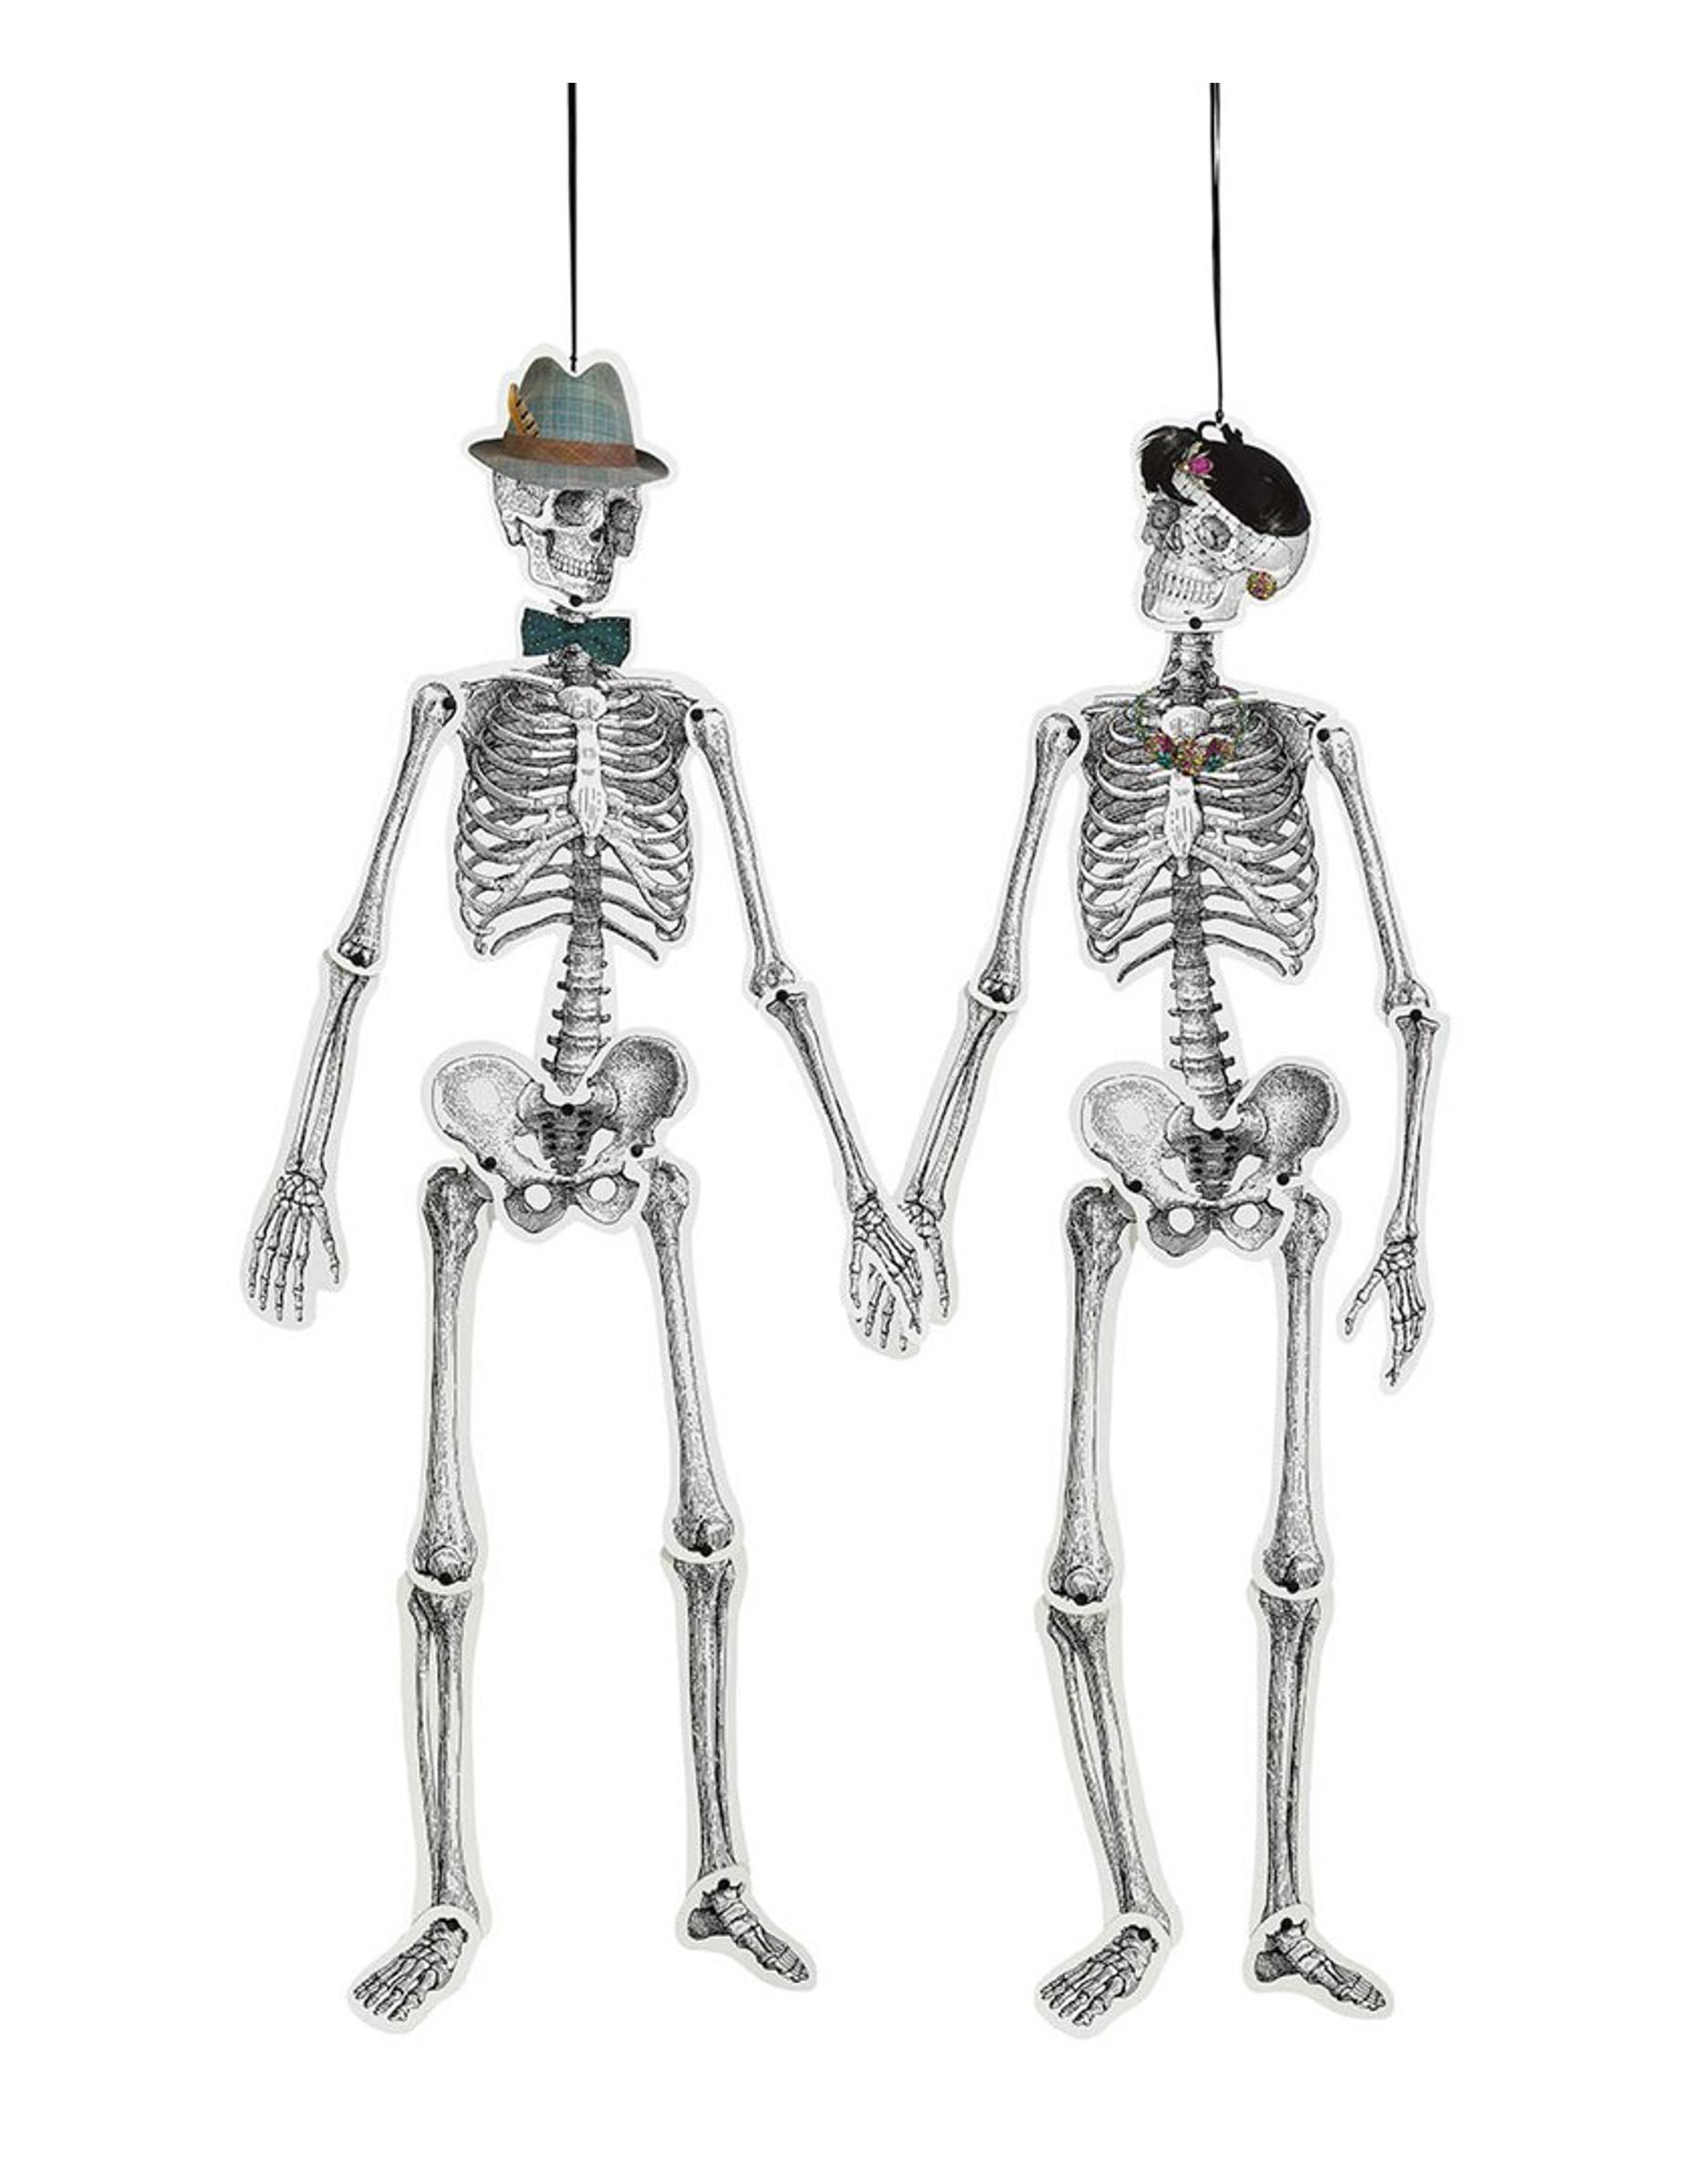 Berühmt Teile Des Skelettsystems Ideen - Menschliche Anatomie Bilder ...